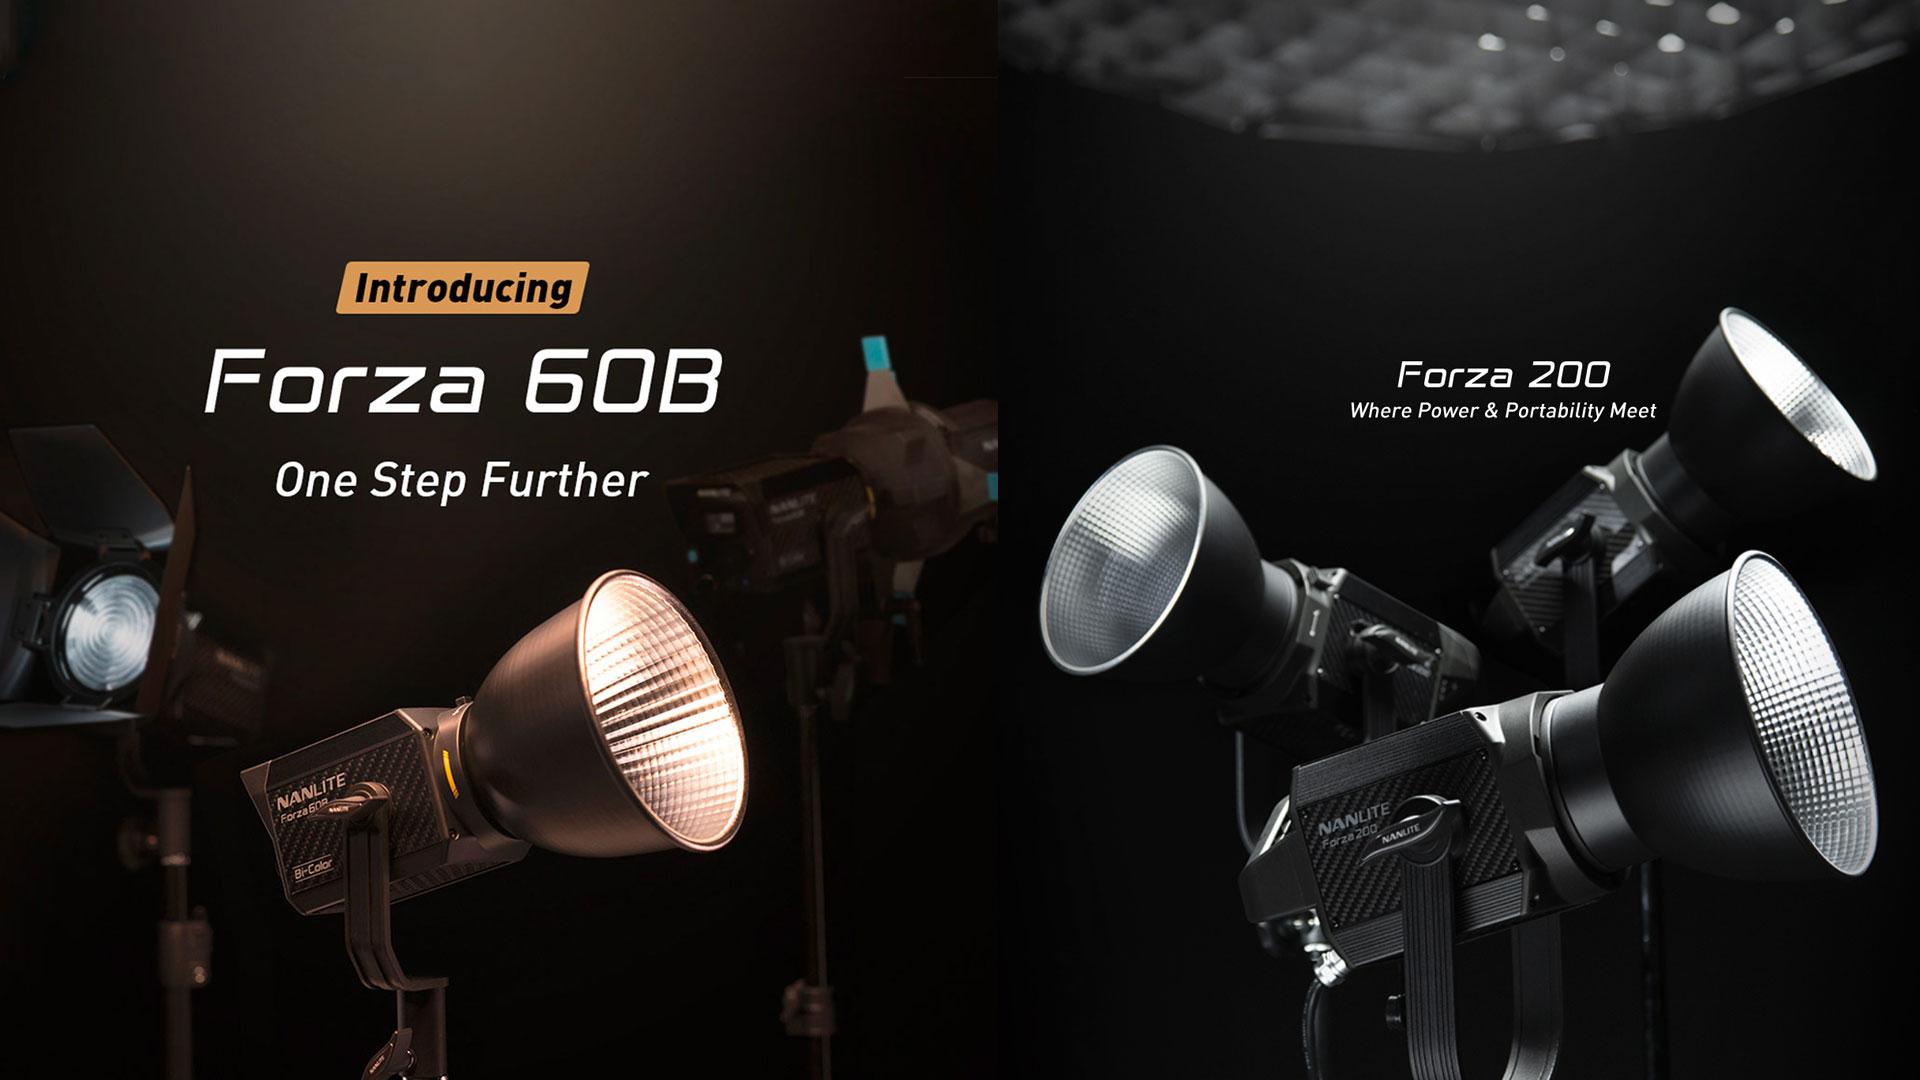 NANLITEがForza 60BとForza 200 LEDライトを発売